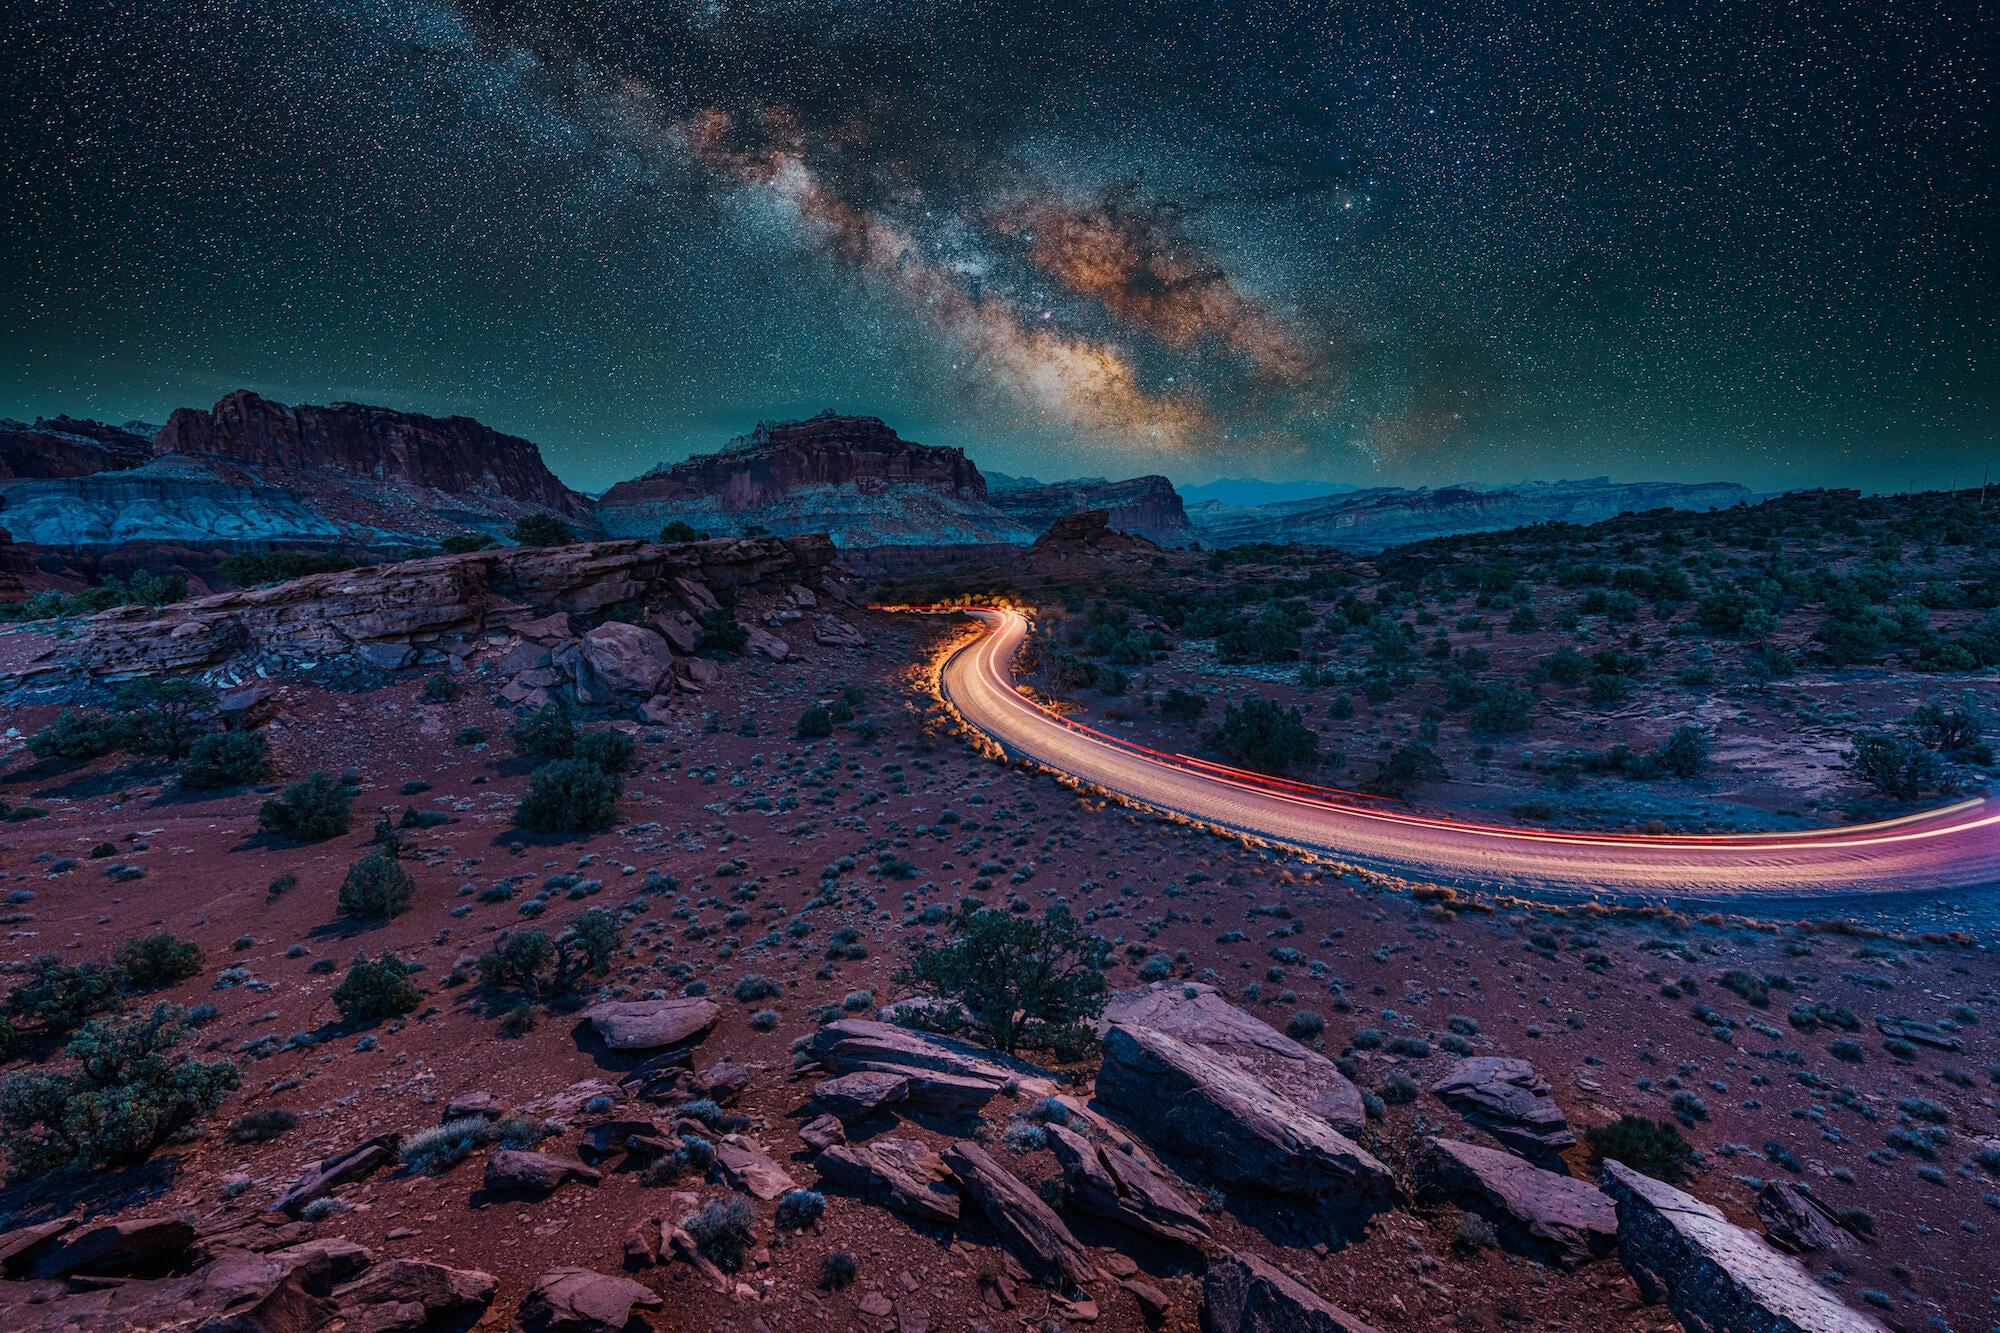 Una vía láctea iluminada por la luna y una estela de luz con el Sony 14 mm f/1.8 GM